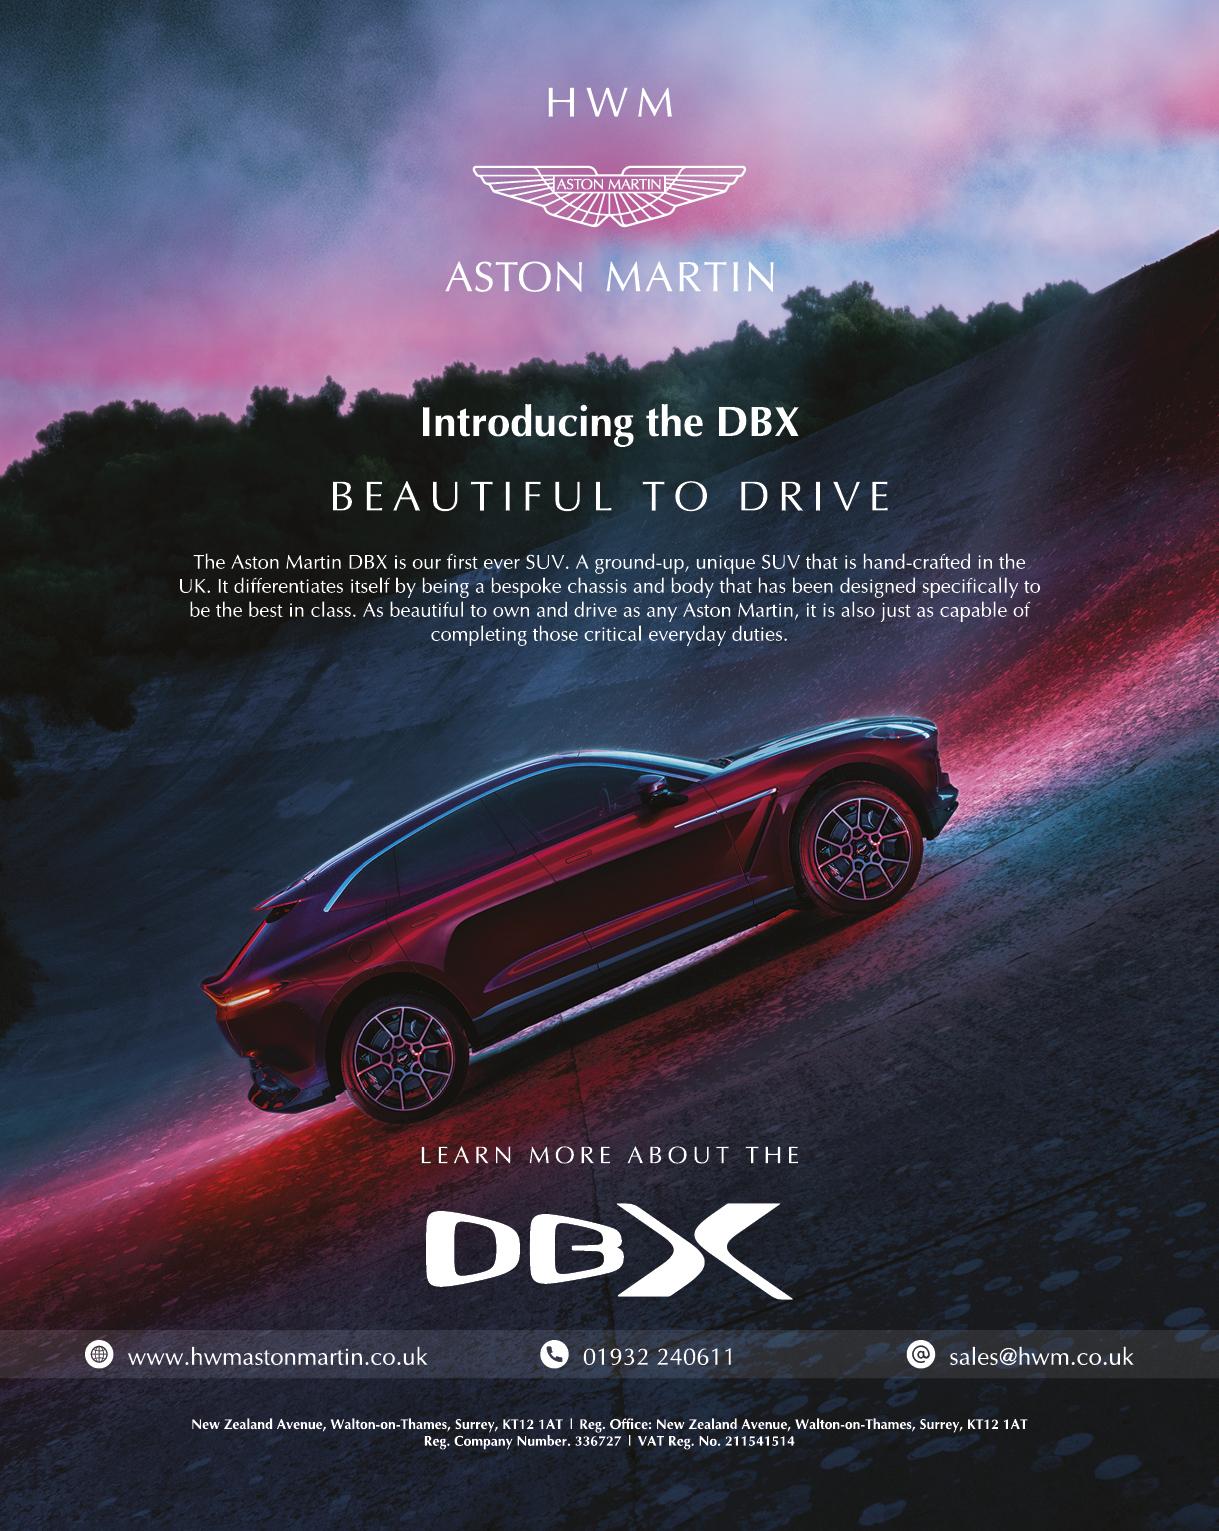 HWM Aston Martin Ad